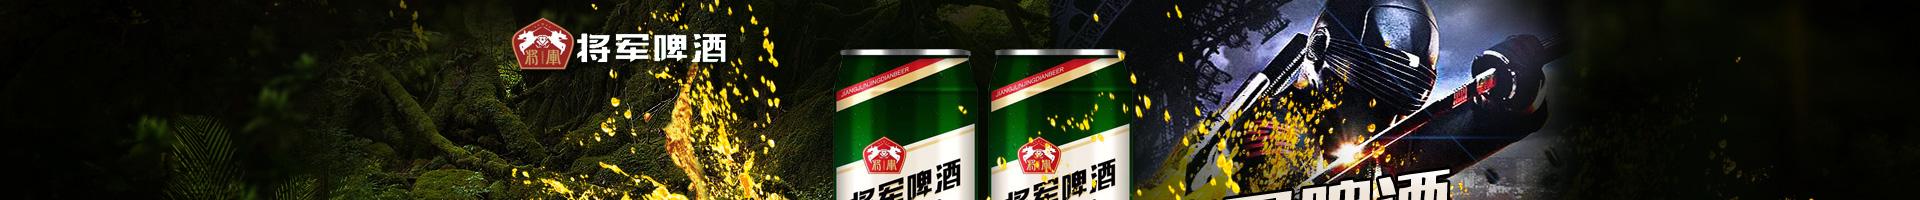 将军啤酒全国招商